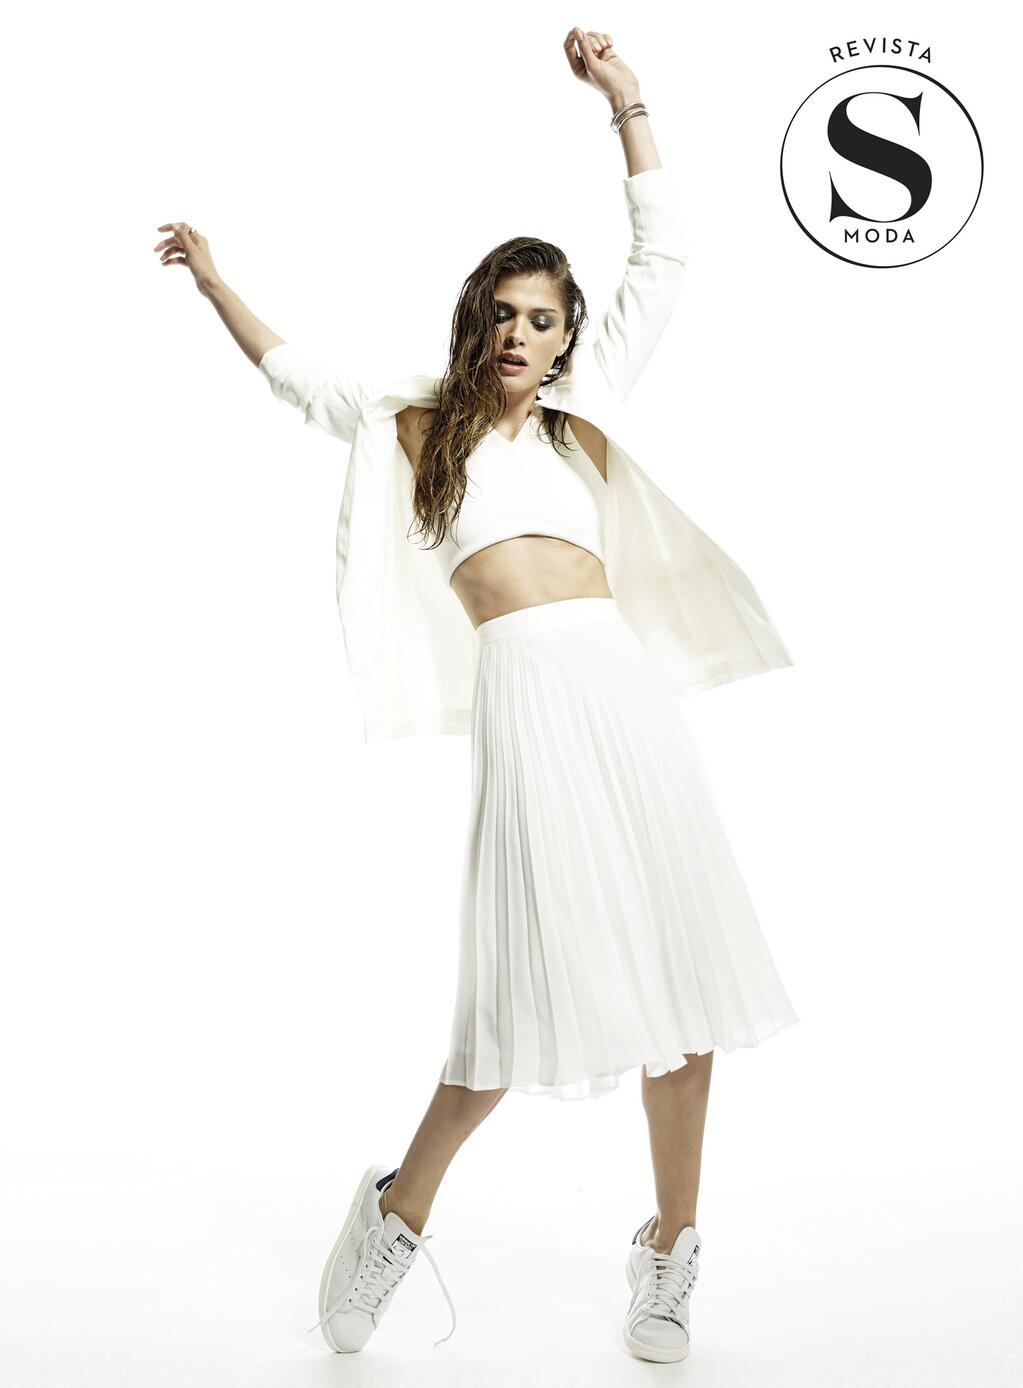 Mañana en S Moda fotografiamos todas las tendencias de la temporada de la mano de la top Elisa Sednaoui http://t.co/HemvvNXnj7